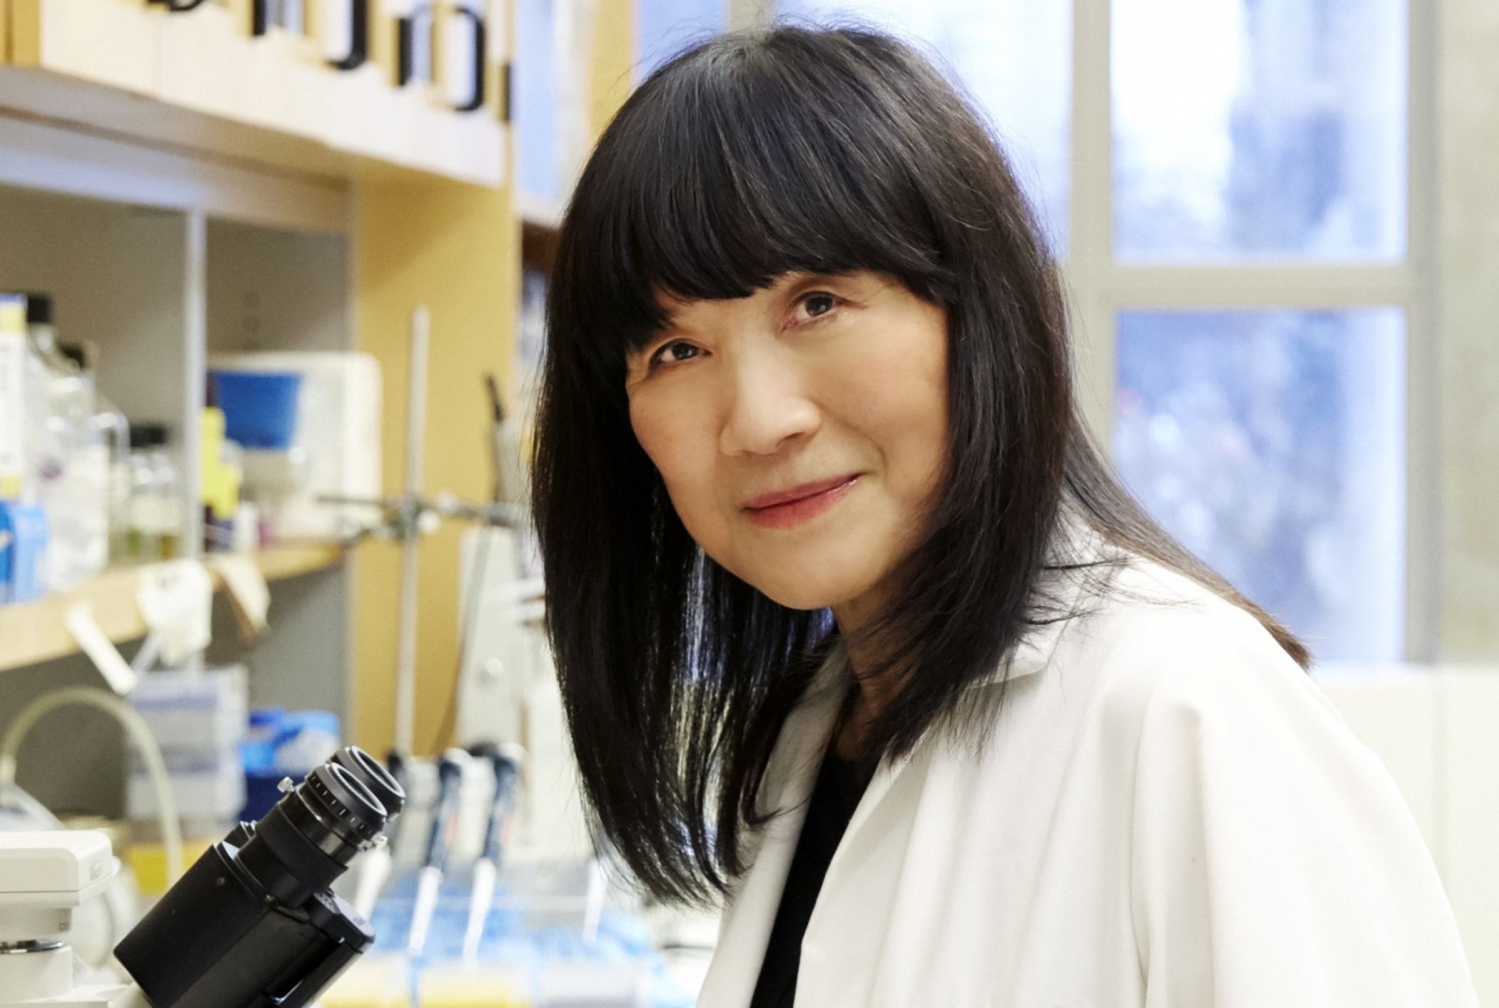 Dr. Selina Chen-Kiang